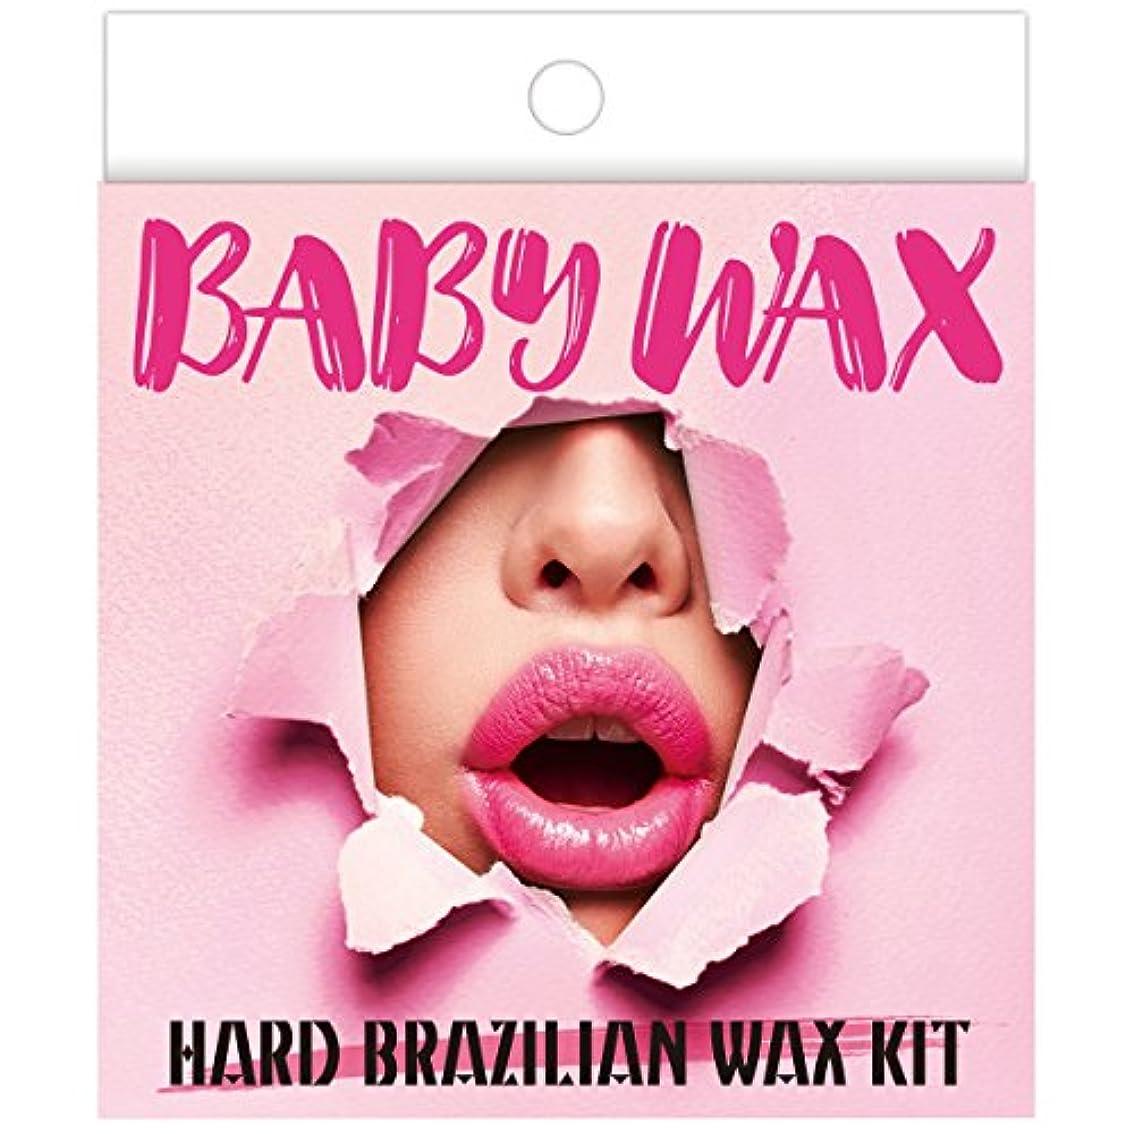 クスコ日常的に宙返りbabywax(ベビーワックス) ハード ブラジリアン ワックス キット (1セット)